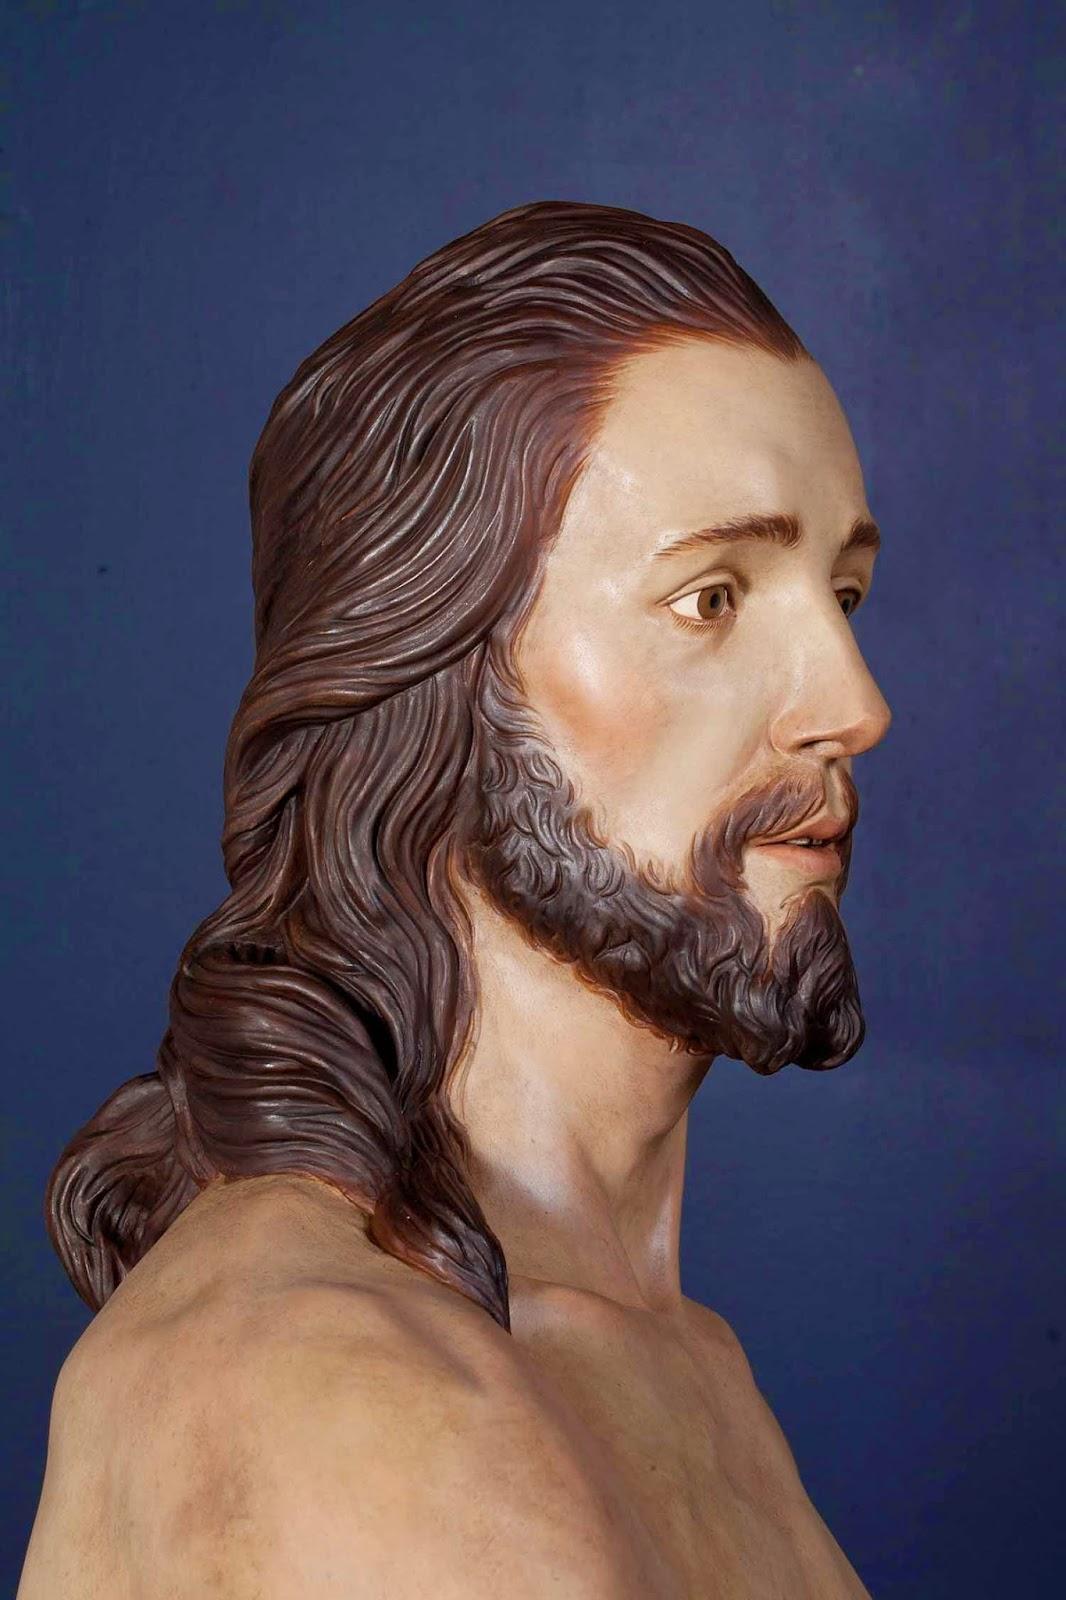 Resucitado Semana Santa Jumilla escultura 6